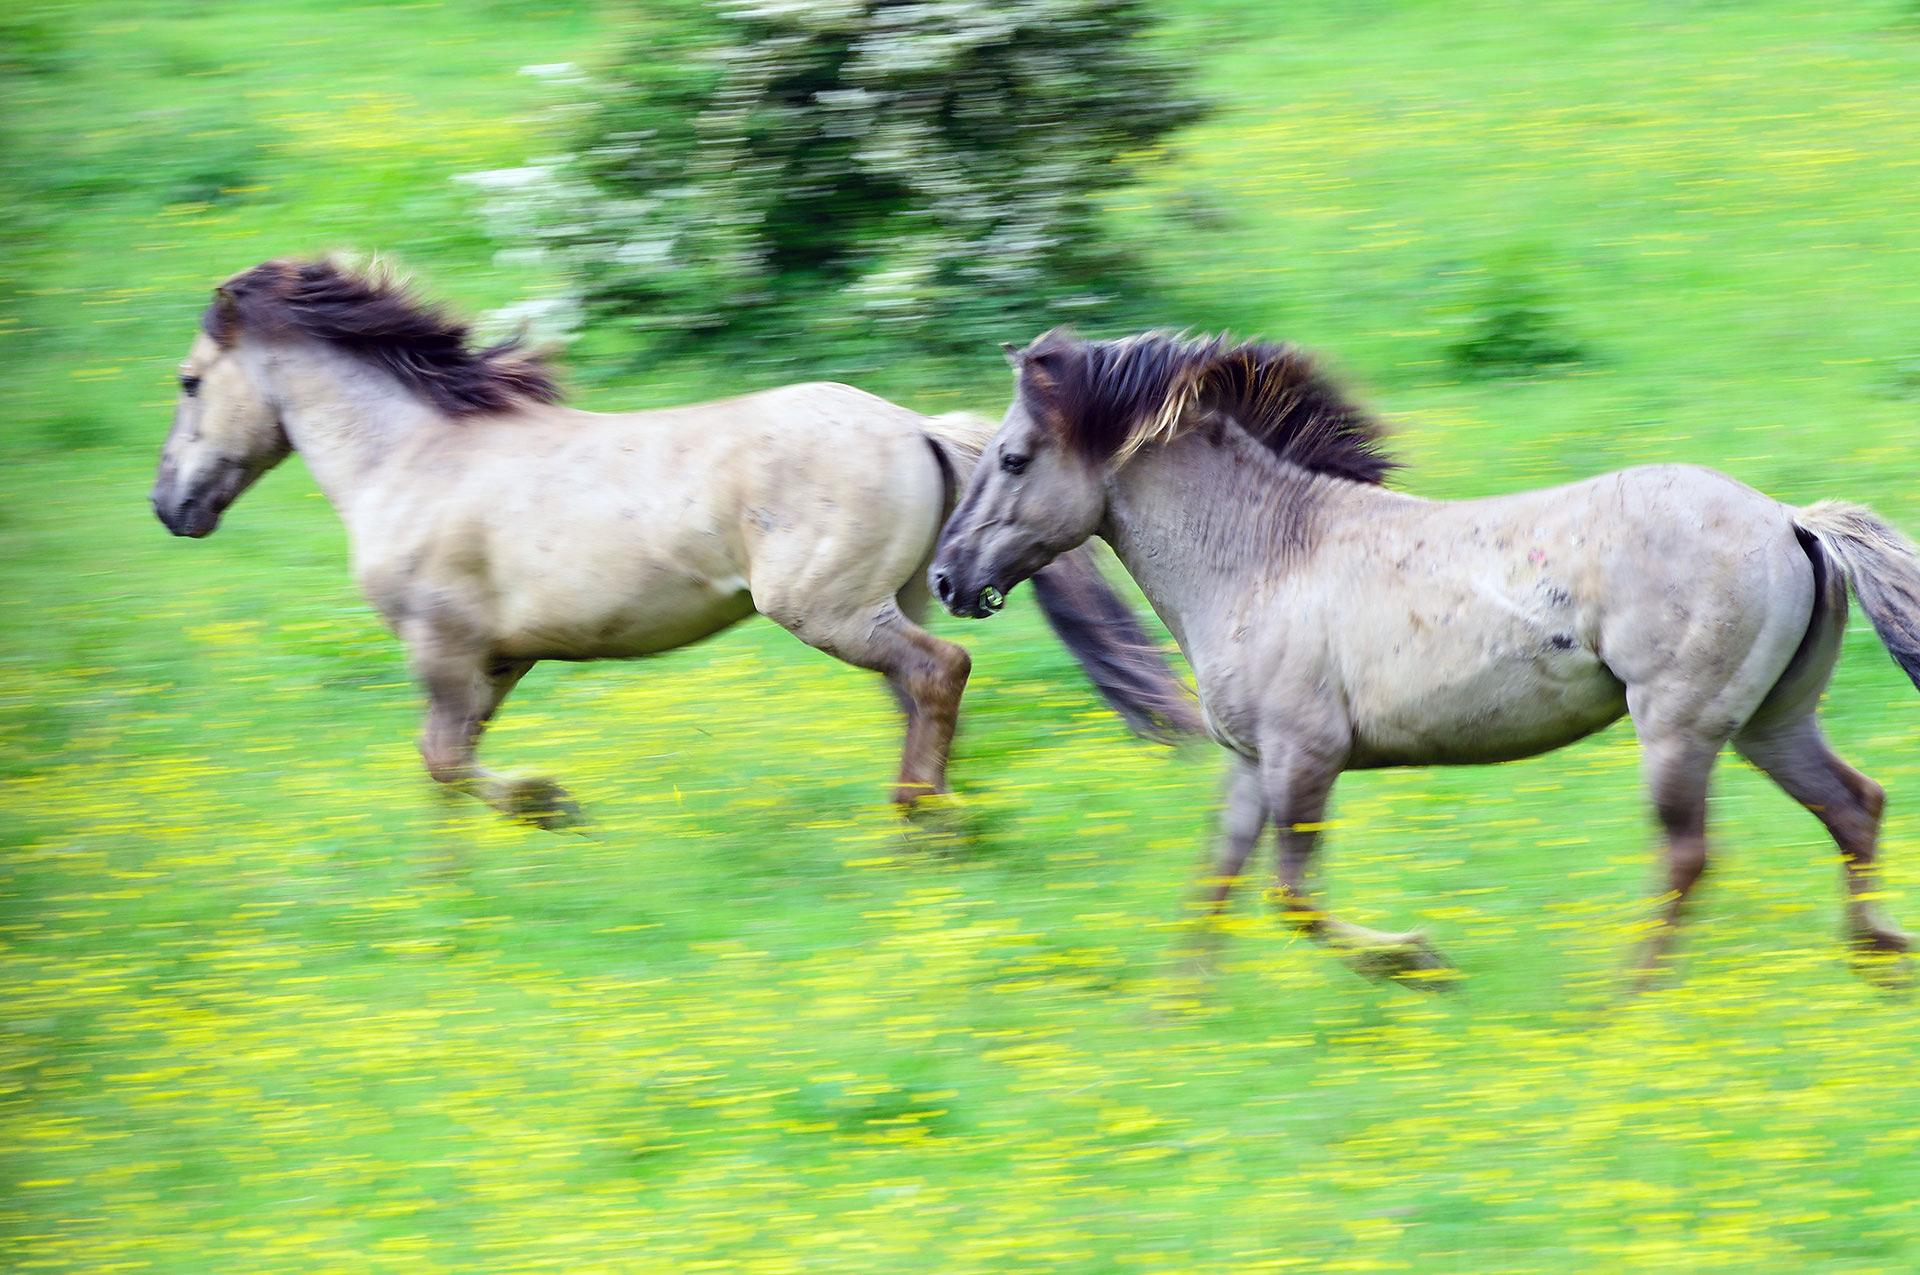 Konik horses running in the Blauwe Kamer